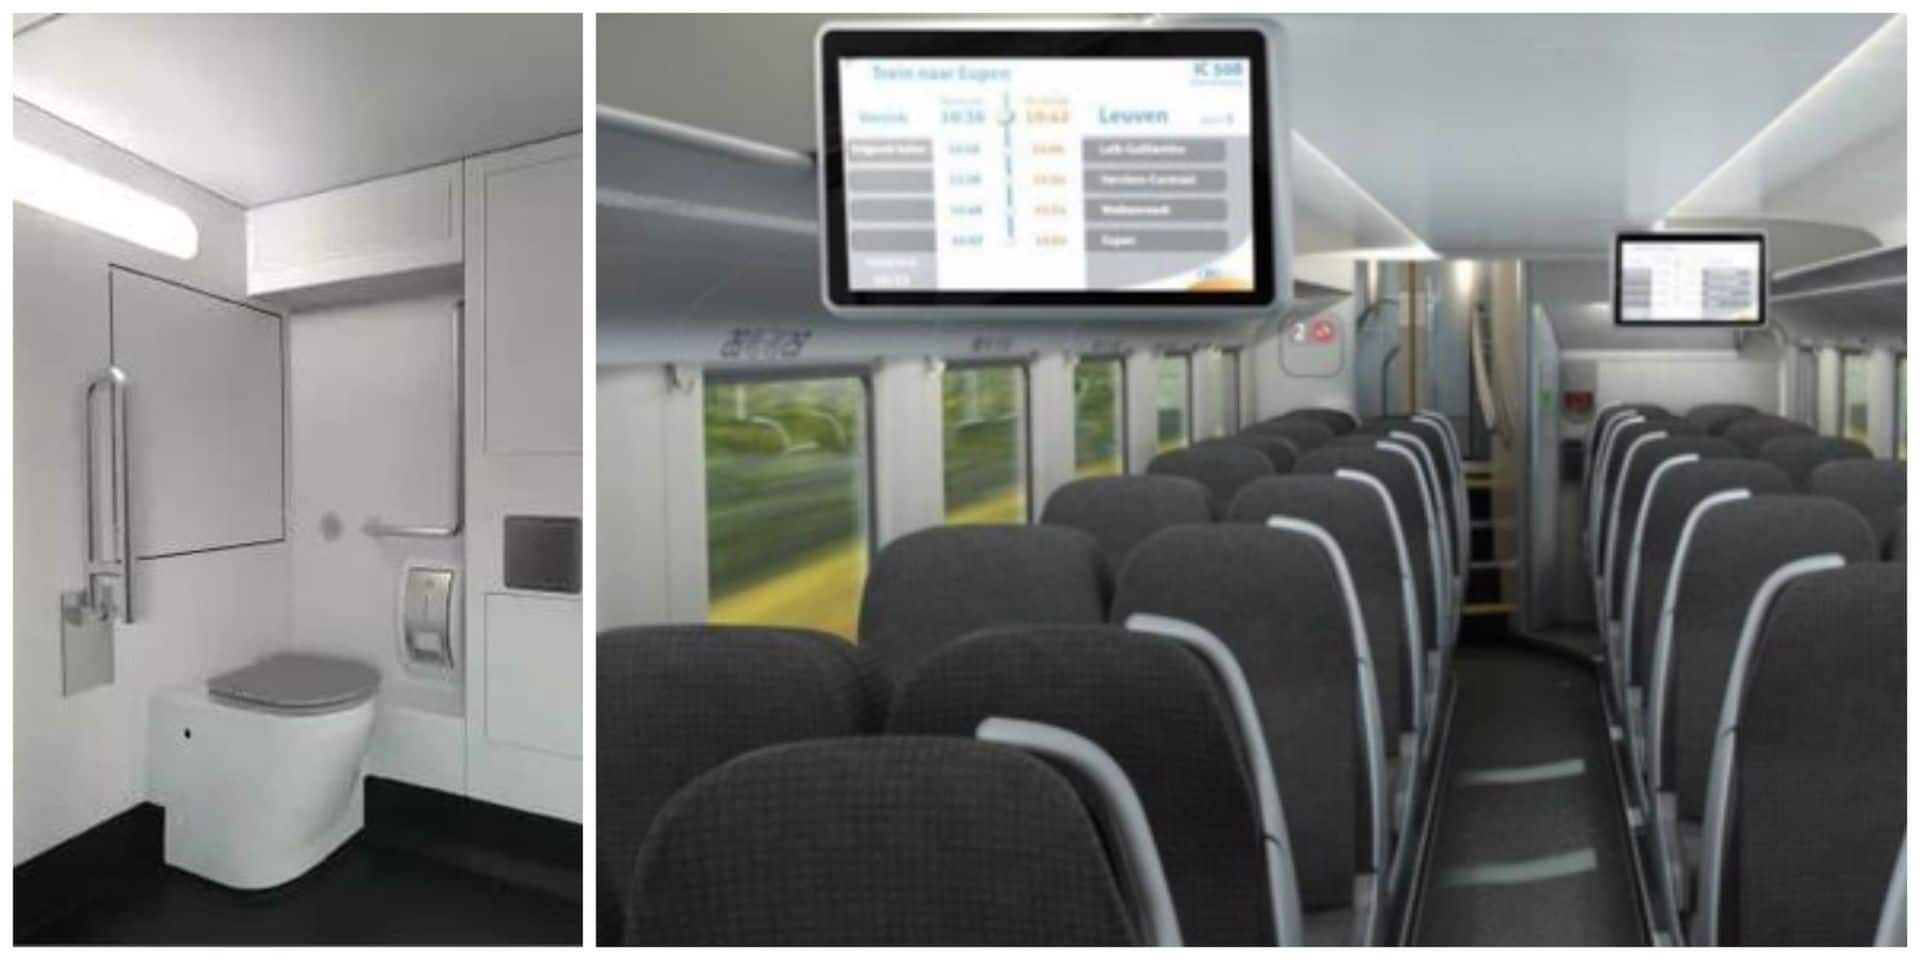 Les nouveaux trains tout confort de la SNCB débarquent en janvier après plus d'un an de retard: découvrez-les en images